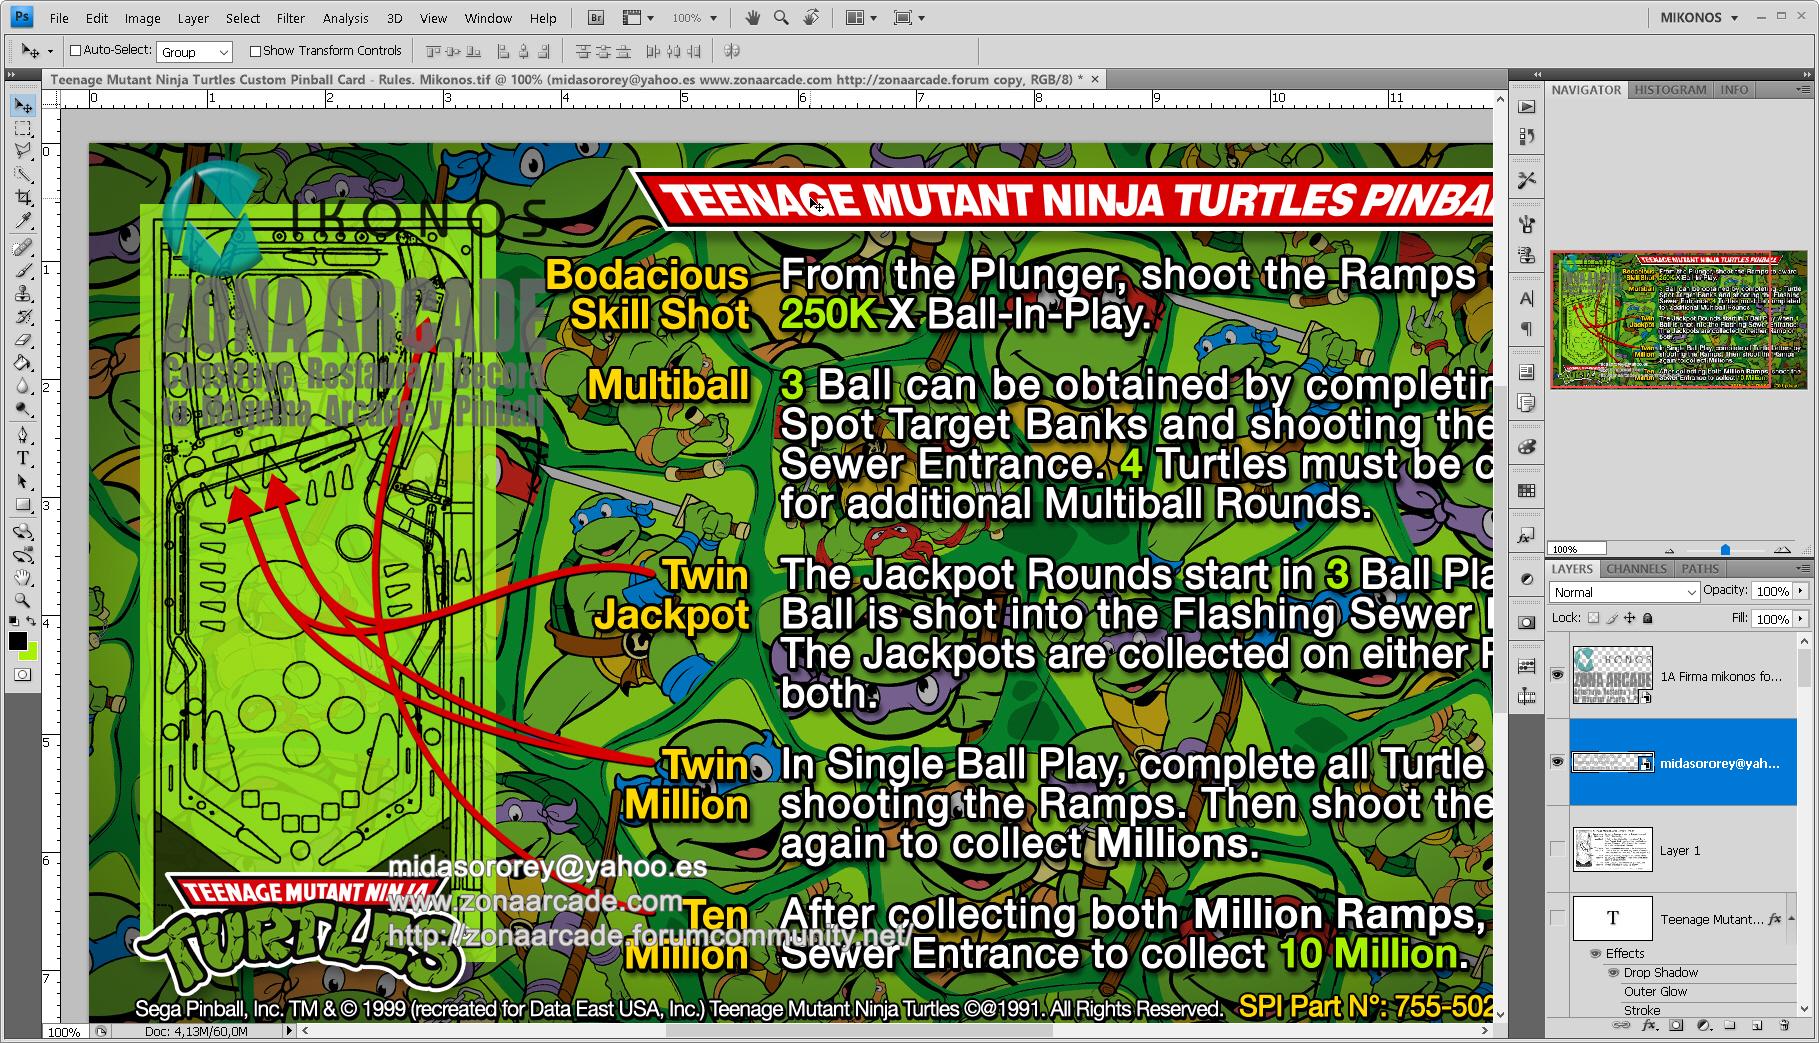 Teenage Mutant Ninja Turtles Pinball Card Customized - Rules. Mikonos2